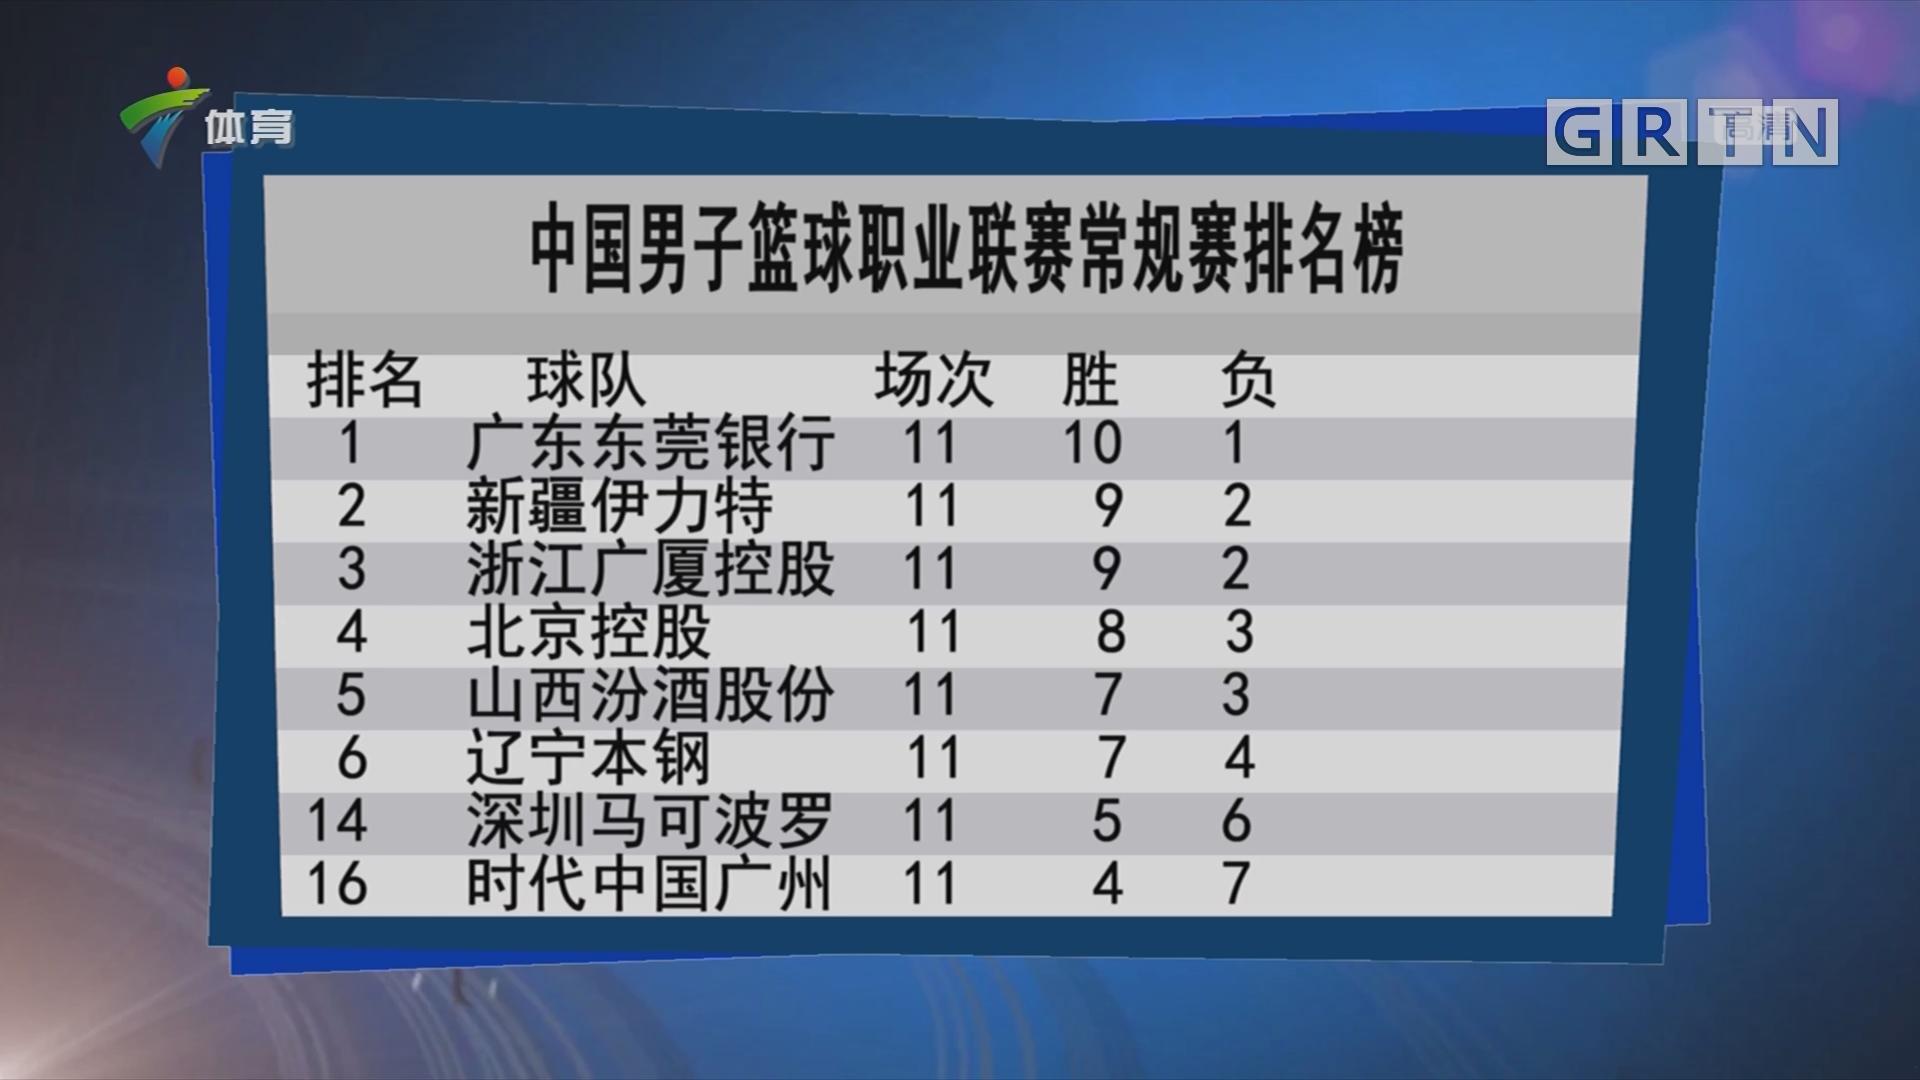 中国男子篮球职业联赛常规赛排名榜